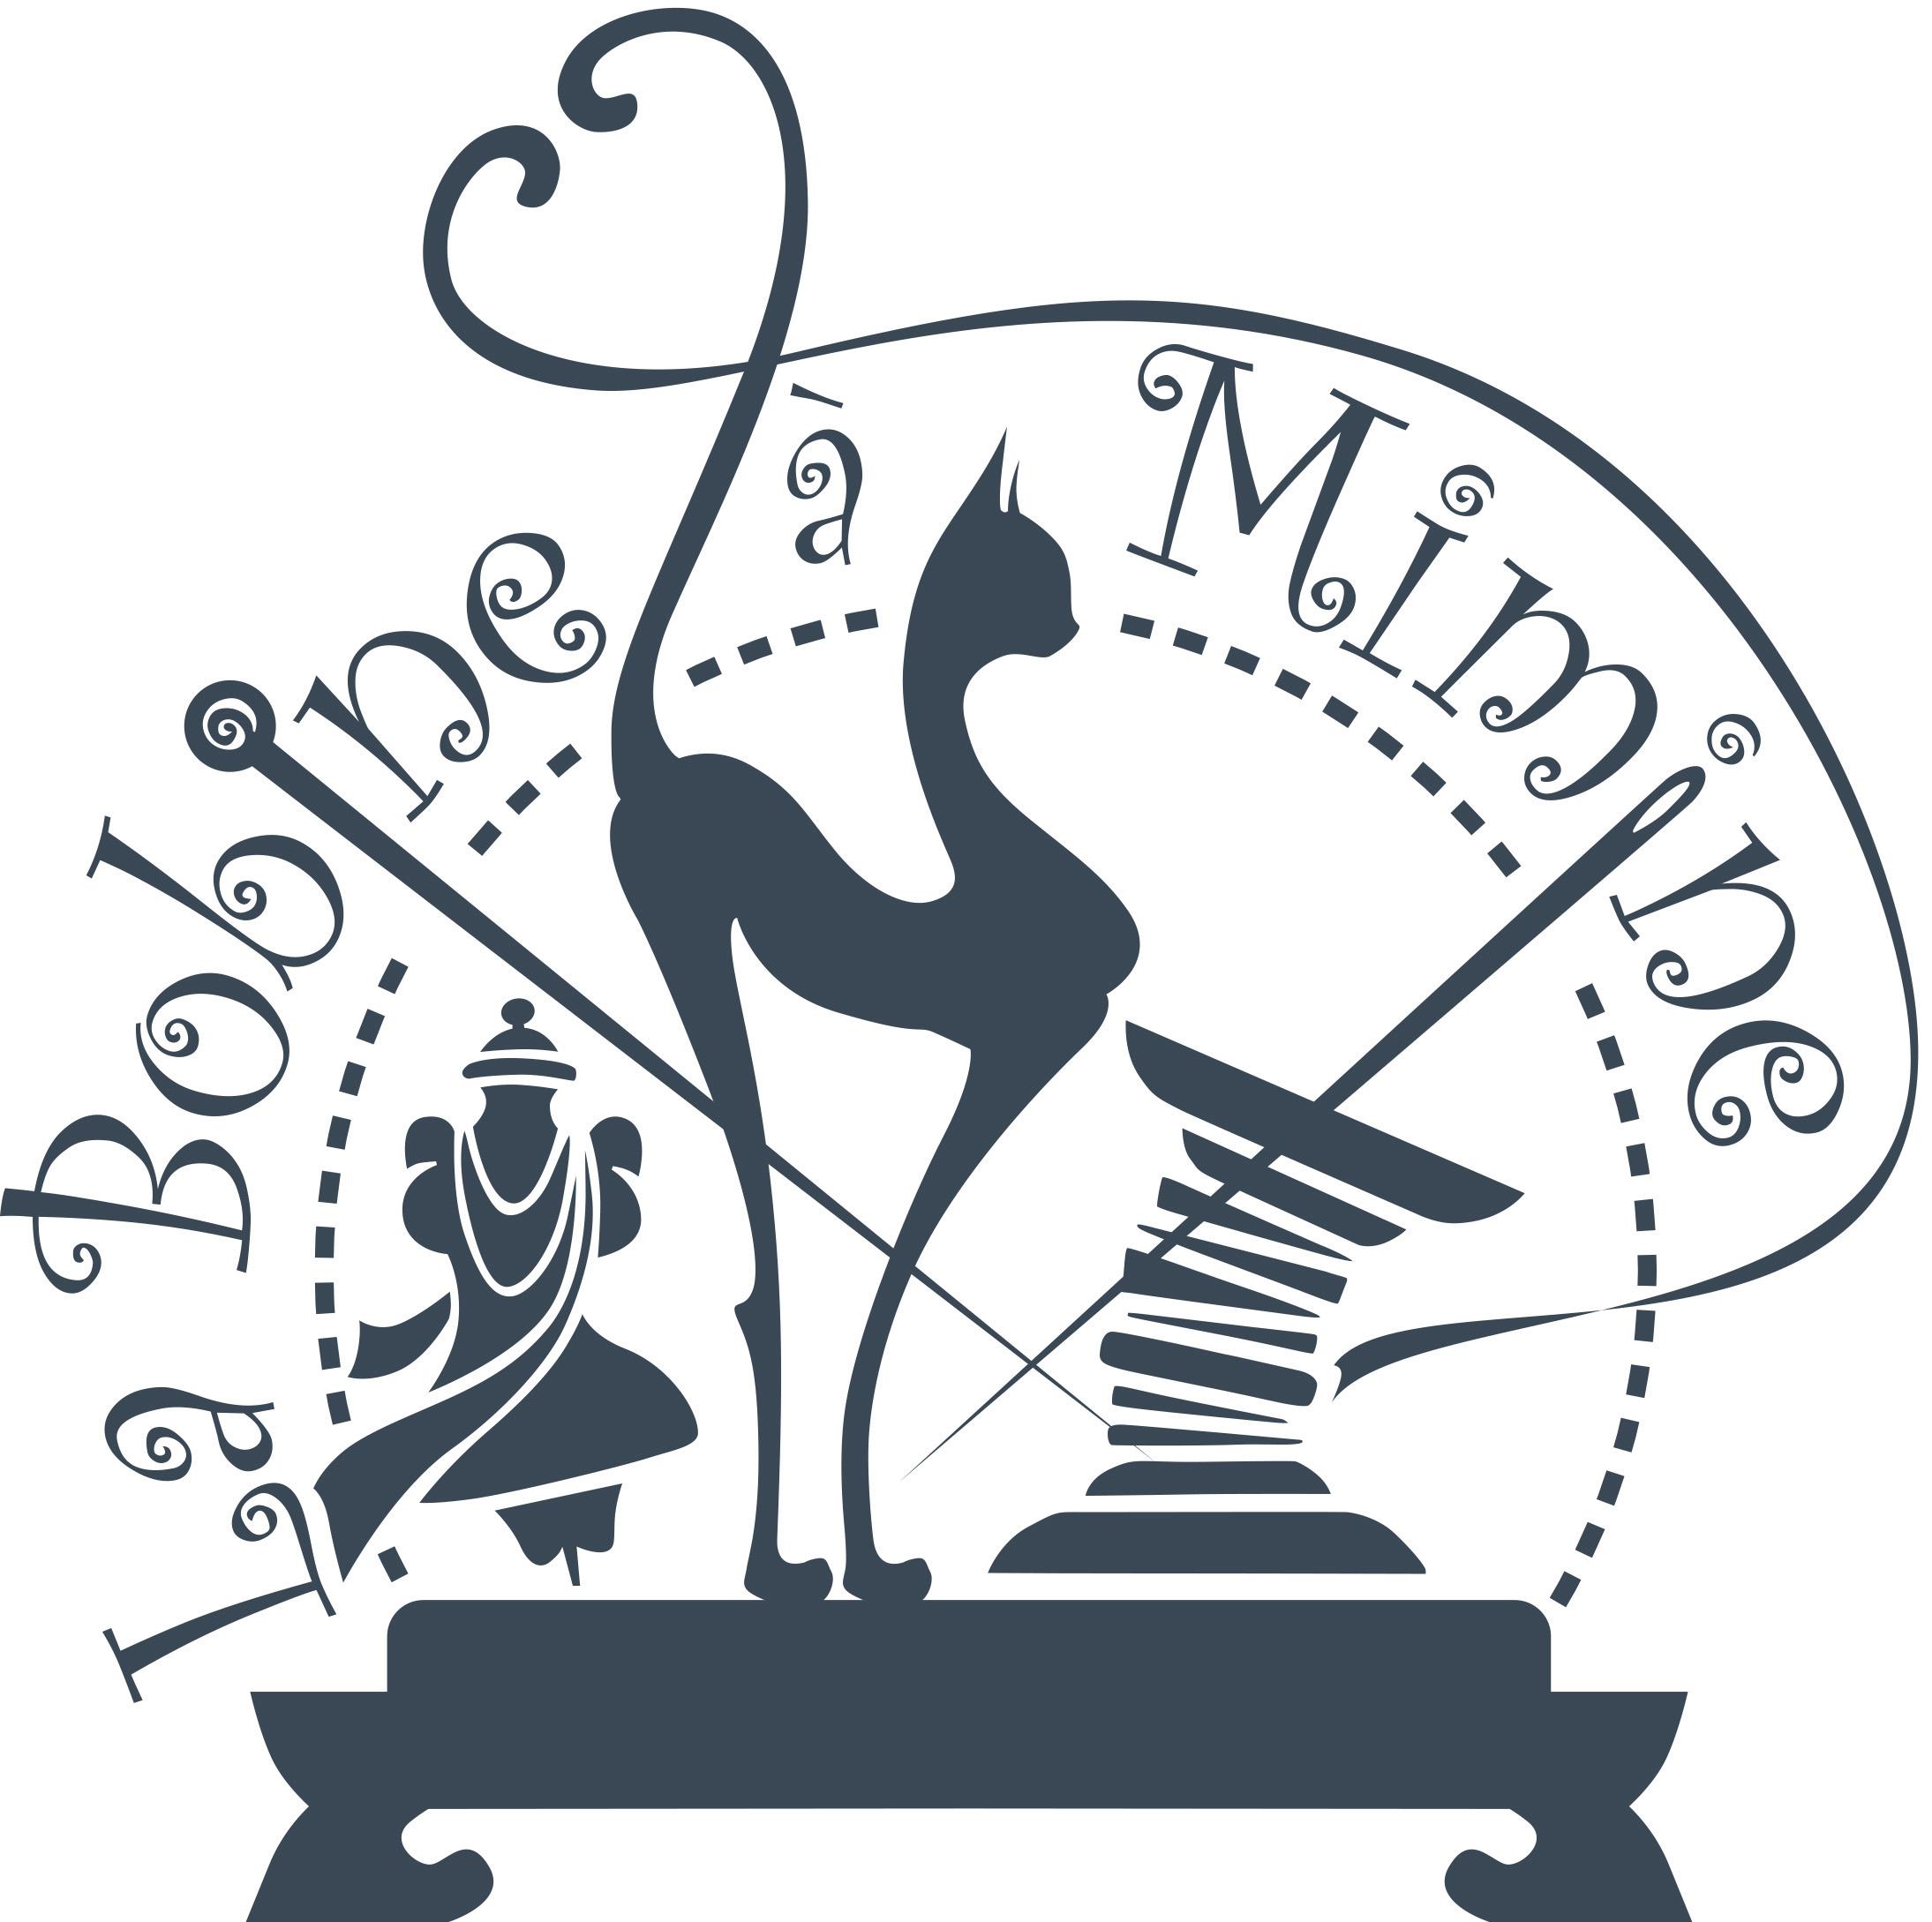 Logo_La bobine a Mimine.jpg